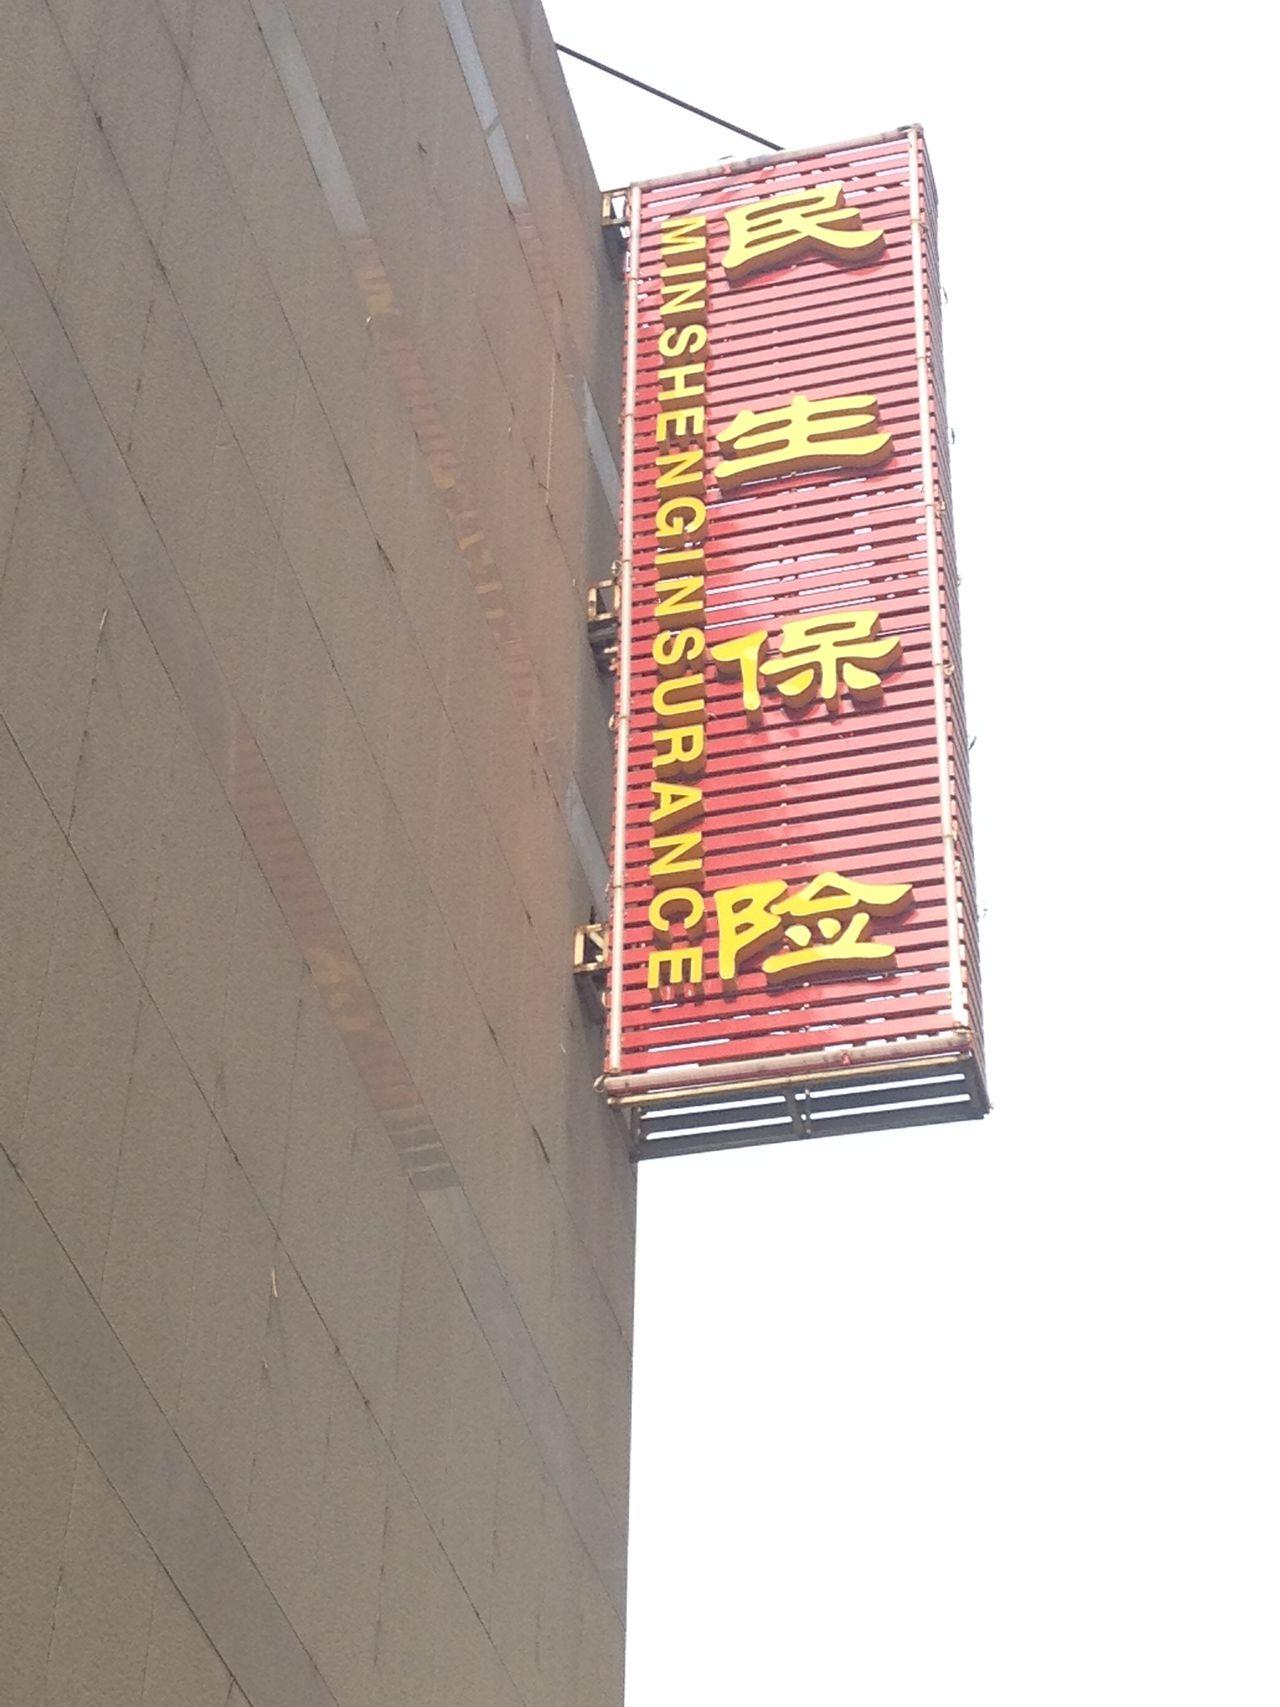 民生人寿(洛阳中心支公司新安营销服务部)